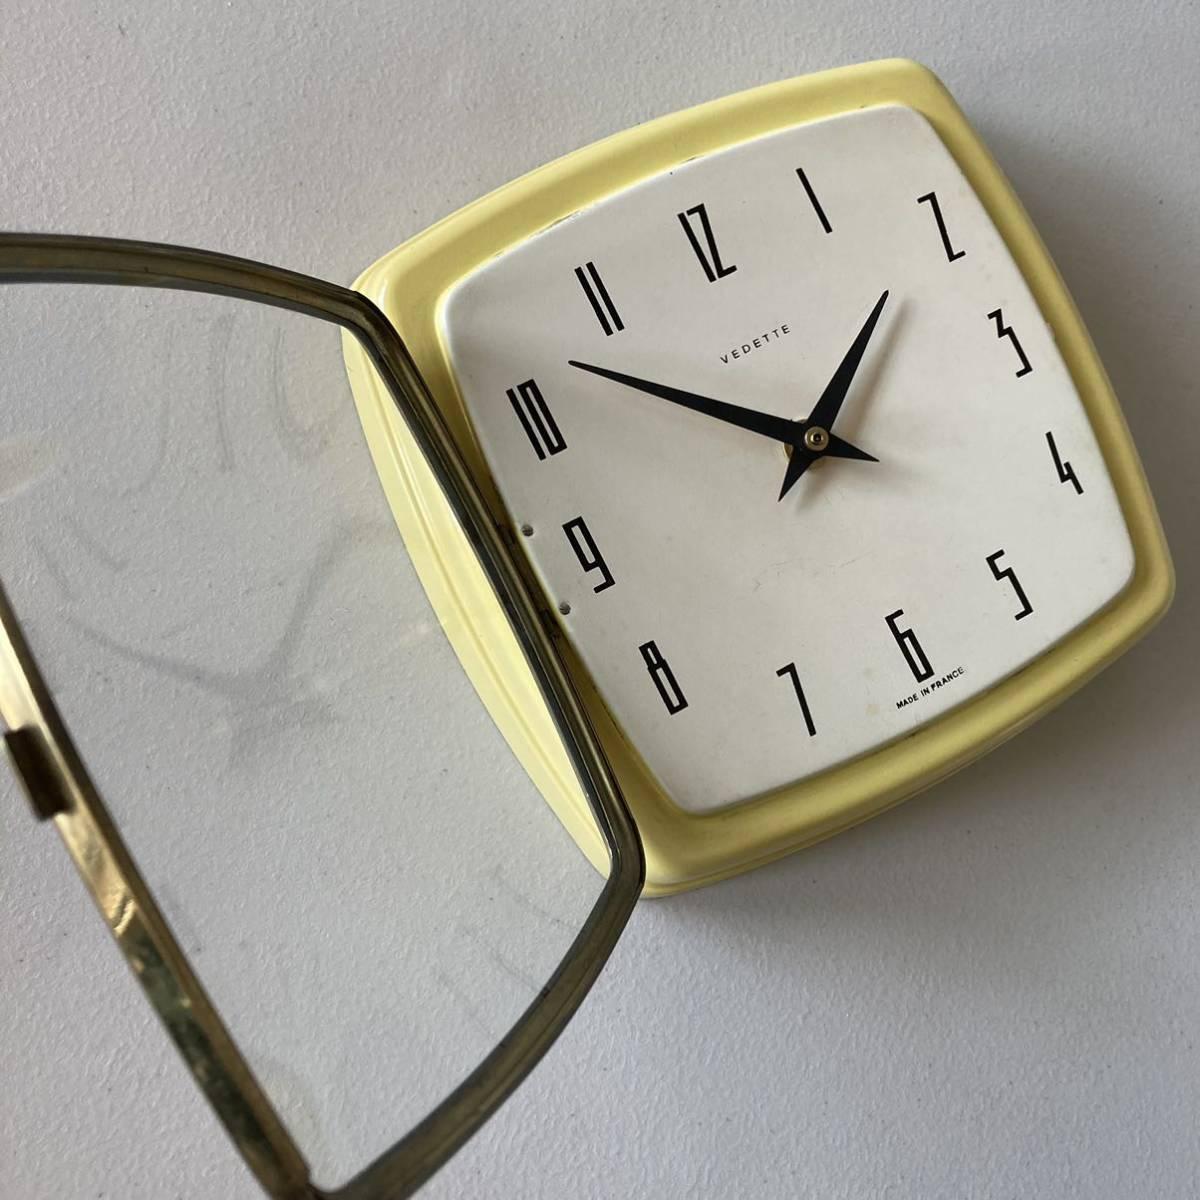 フランス ヴィンテージ ウォールクロック ミッドセンチュリー インテリア ディスプレイ 店舗什器 掛け時計 デザイン_画像7